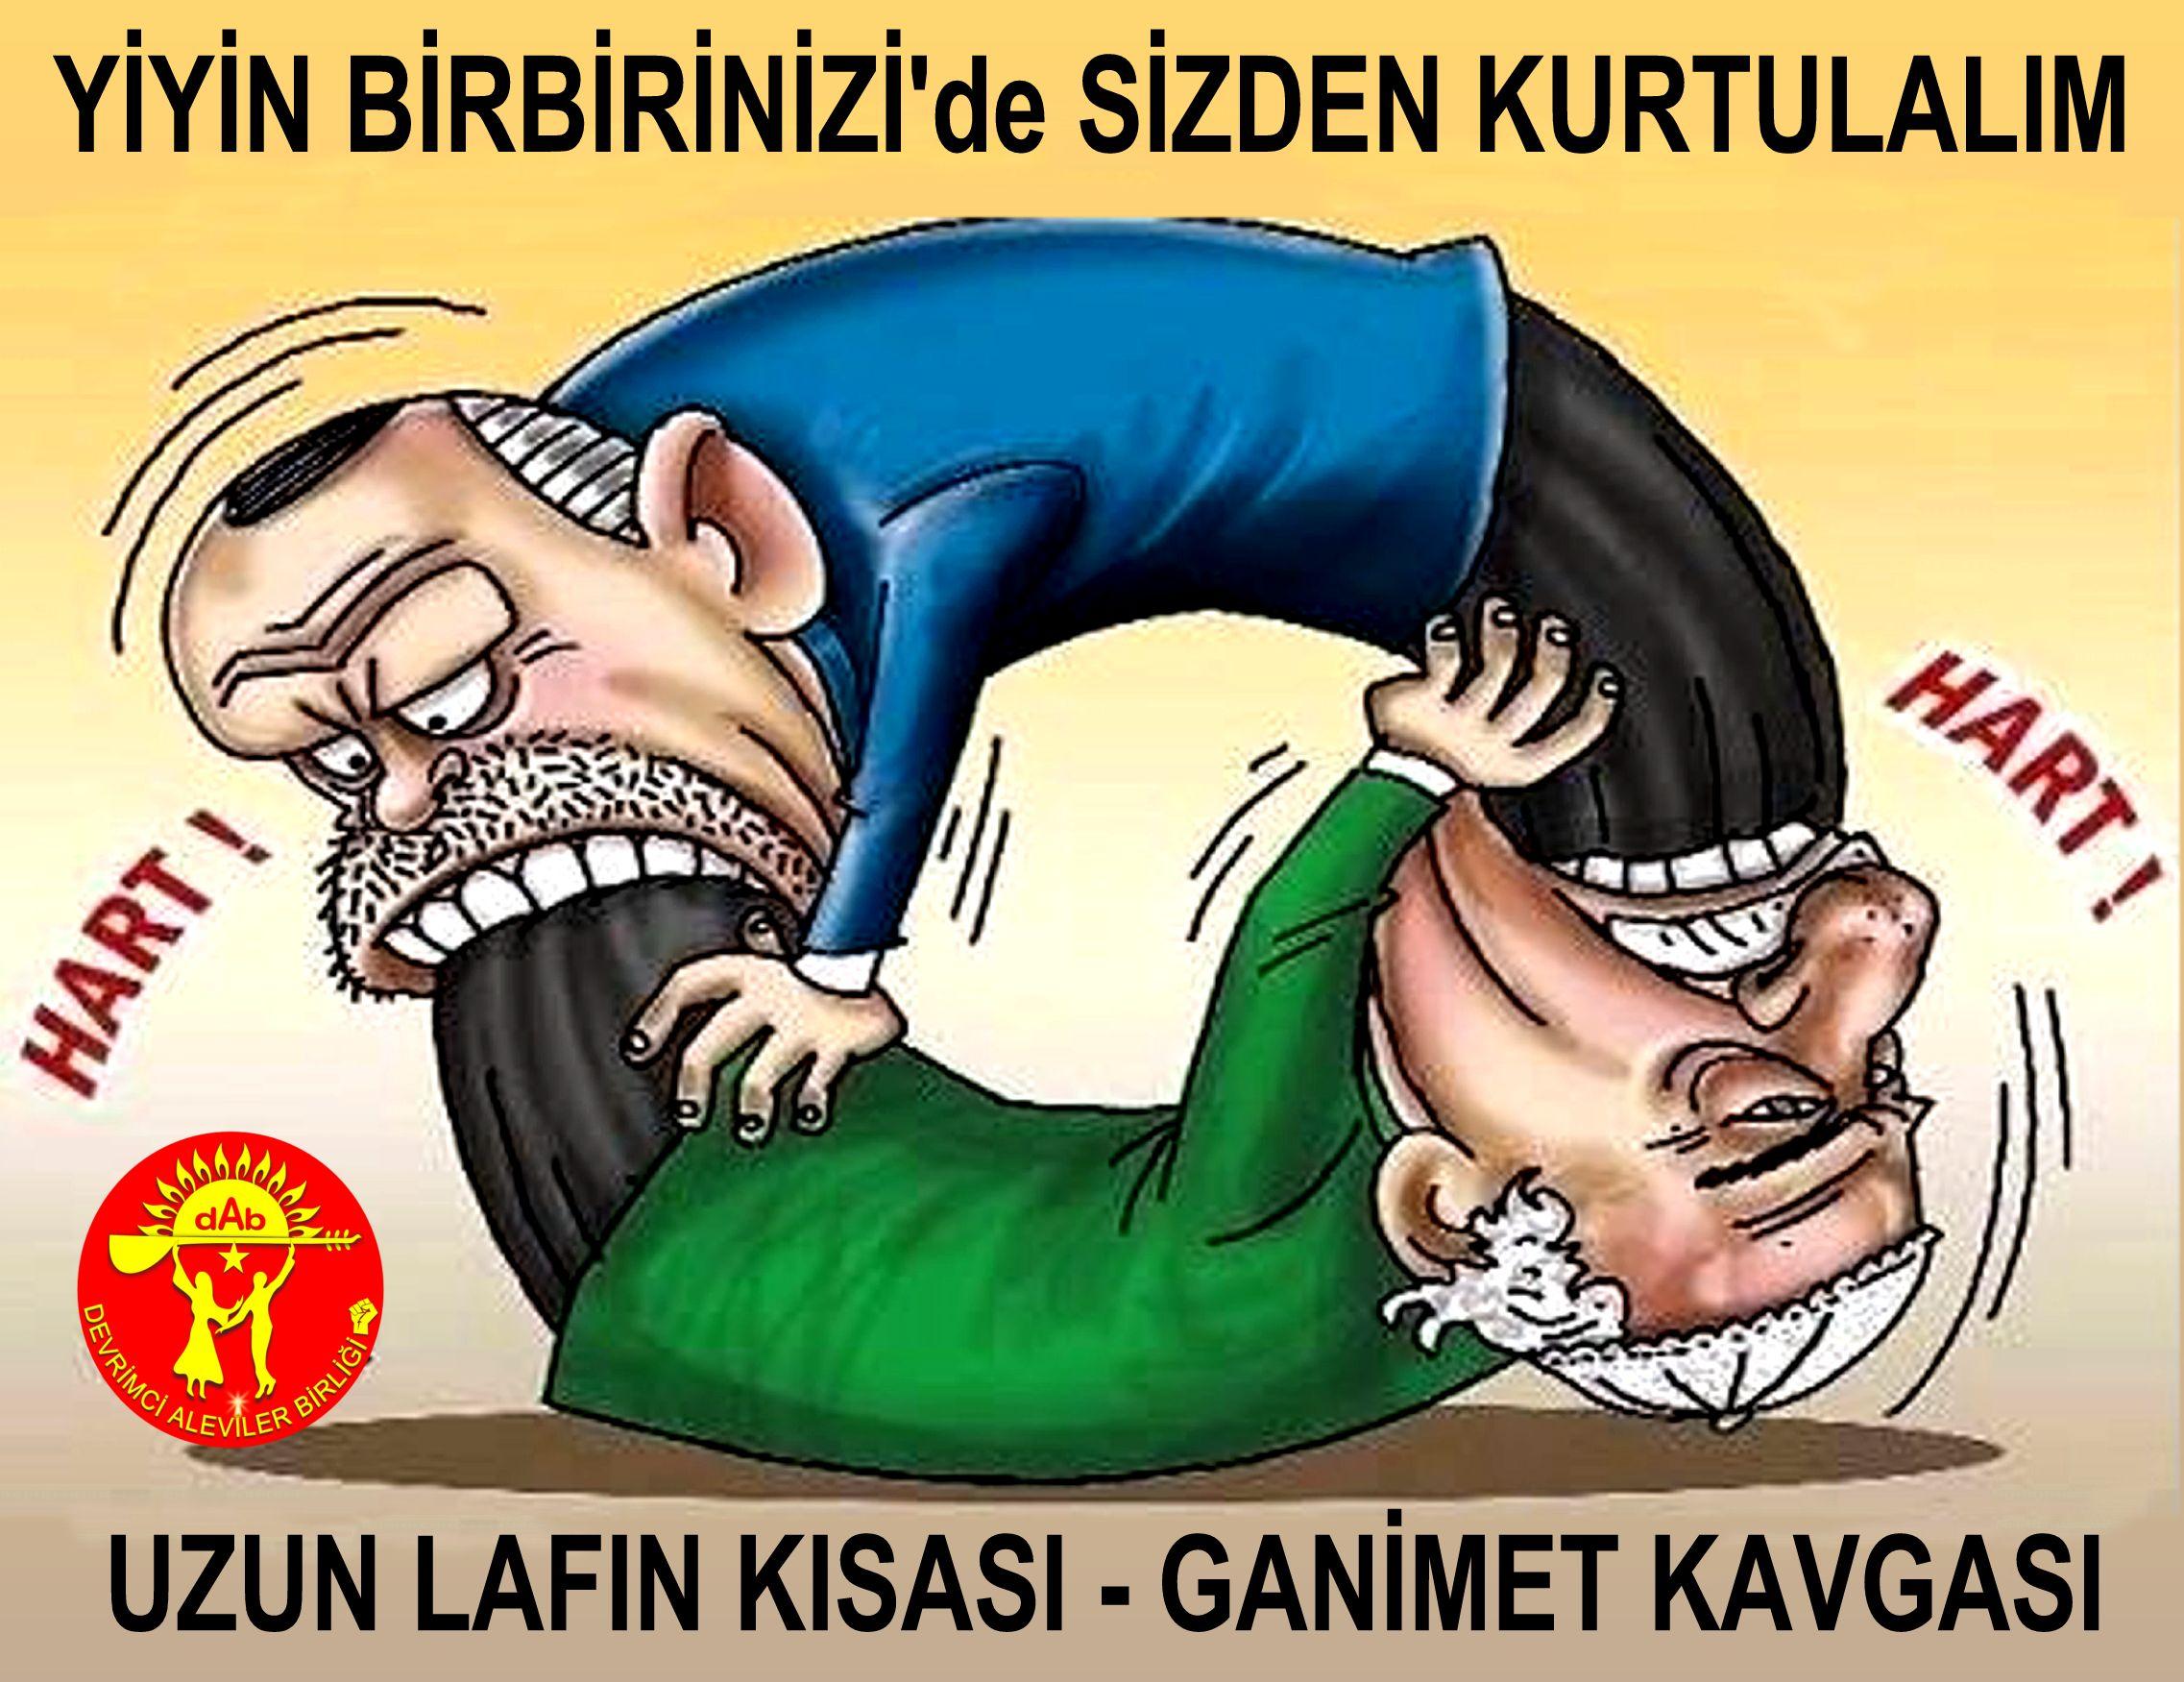 Devrimci Aleviler Birliği DAB Alevi Kızılbaş Bektaşi pir sultan cem hz Ali 12 imam semah Feramuz Şah Acar yiyin birbirinizi feto rte